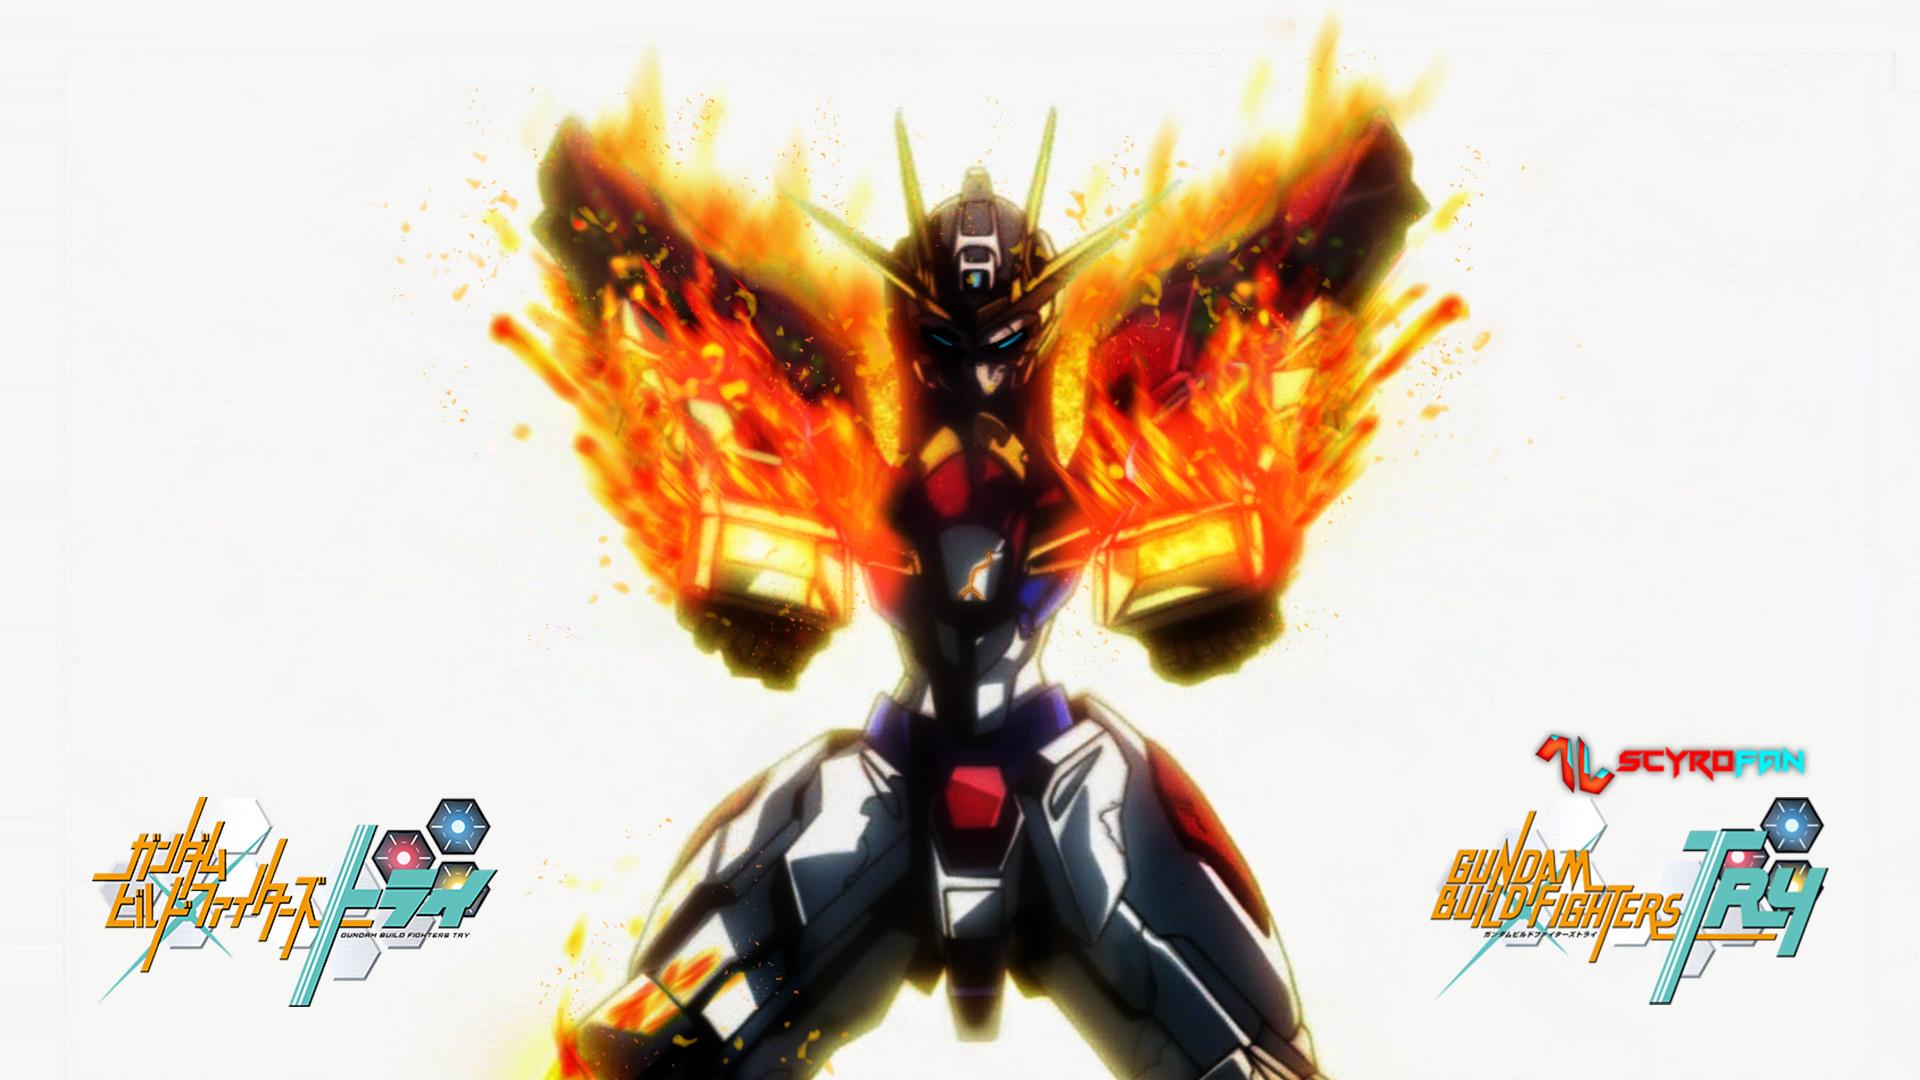 Gundam build burning wallpaper by scyrofan on deviantart for Domon kasshu build fighters try